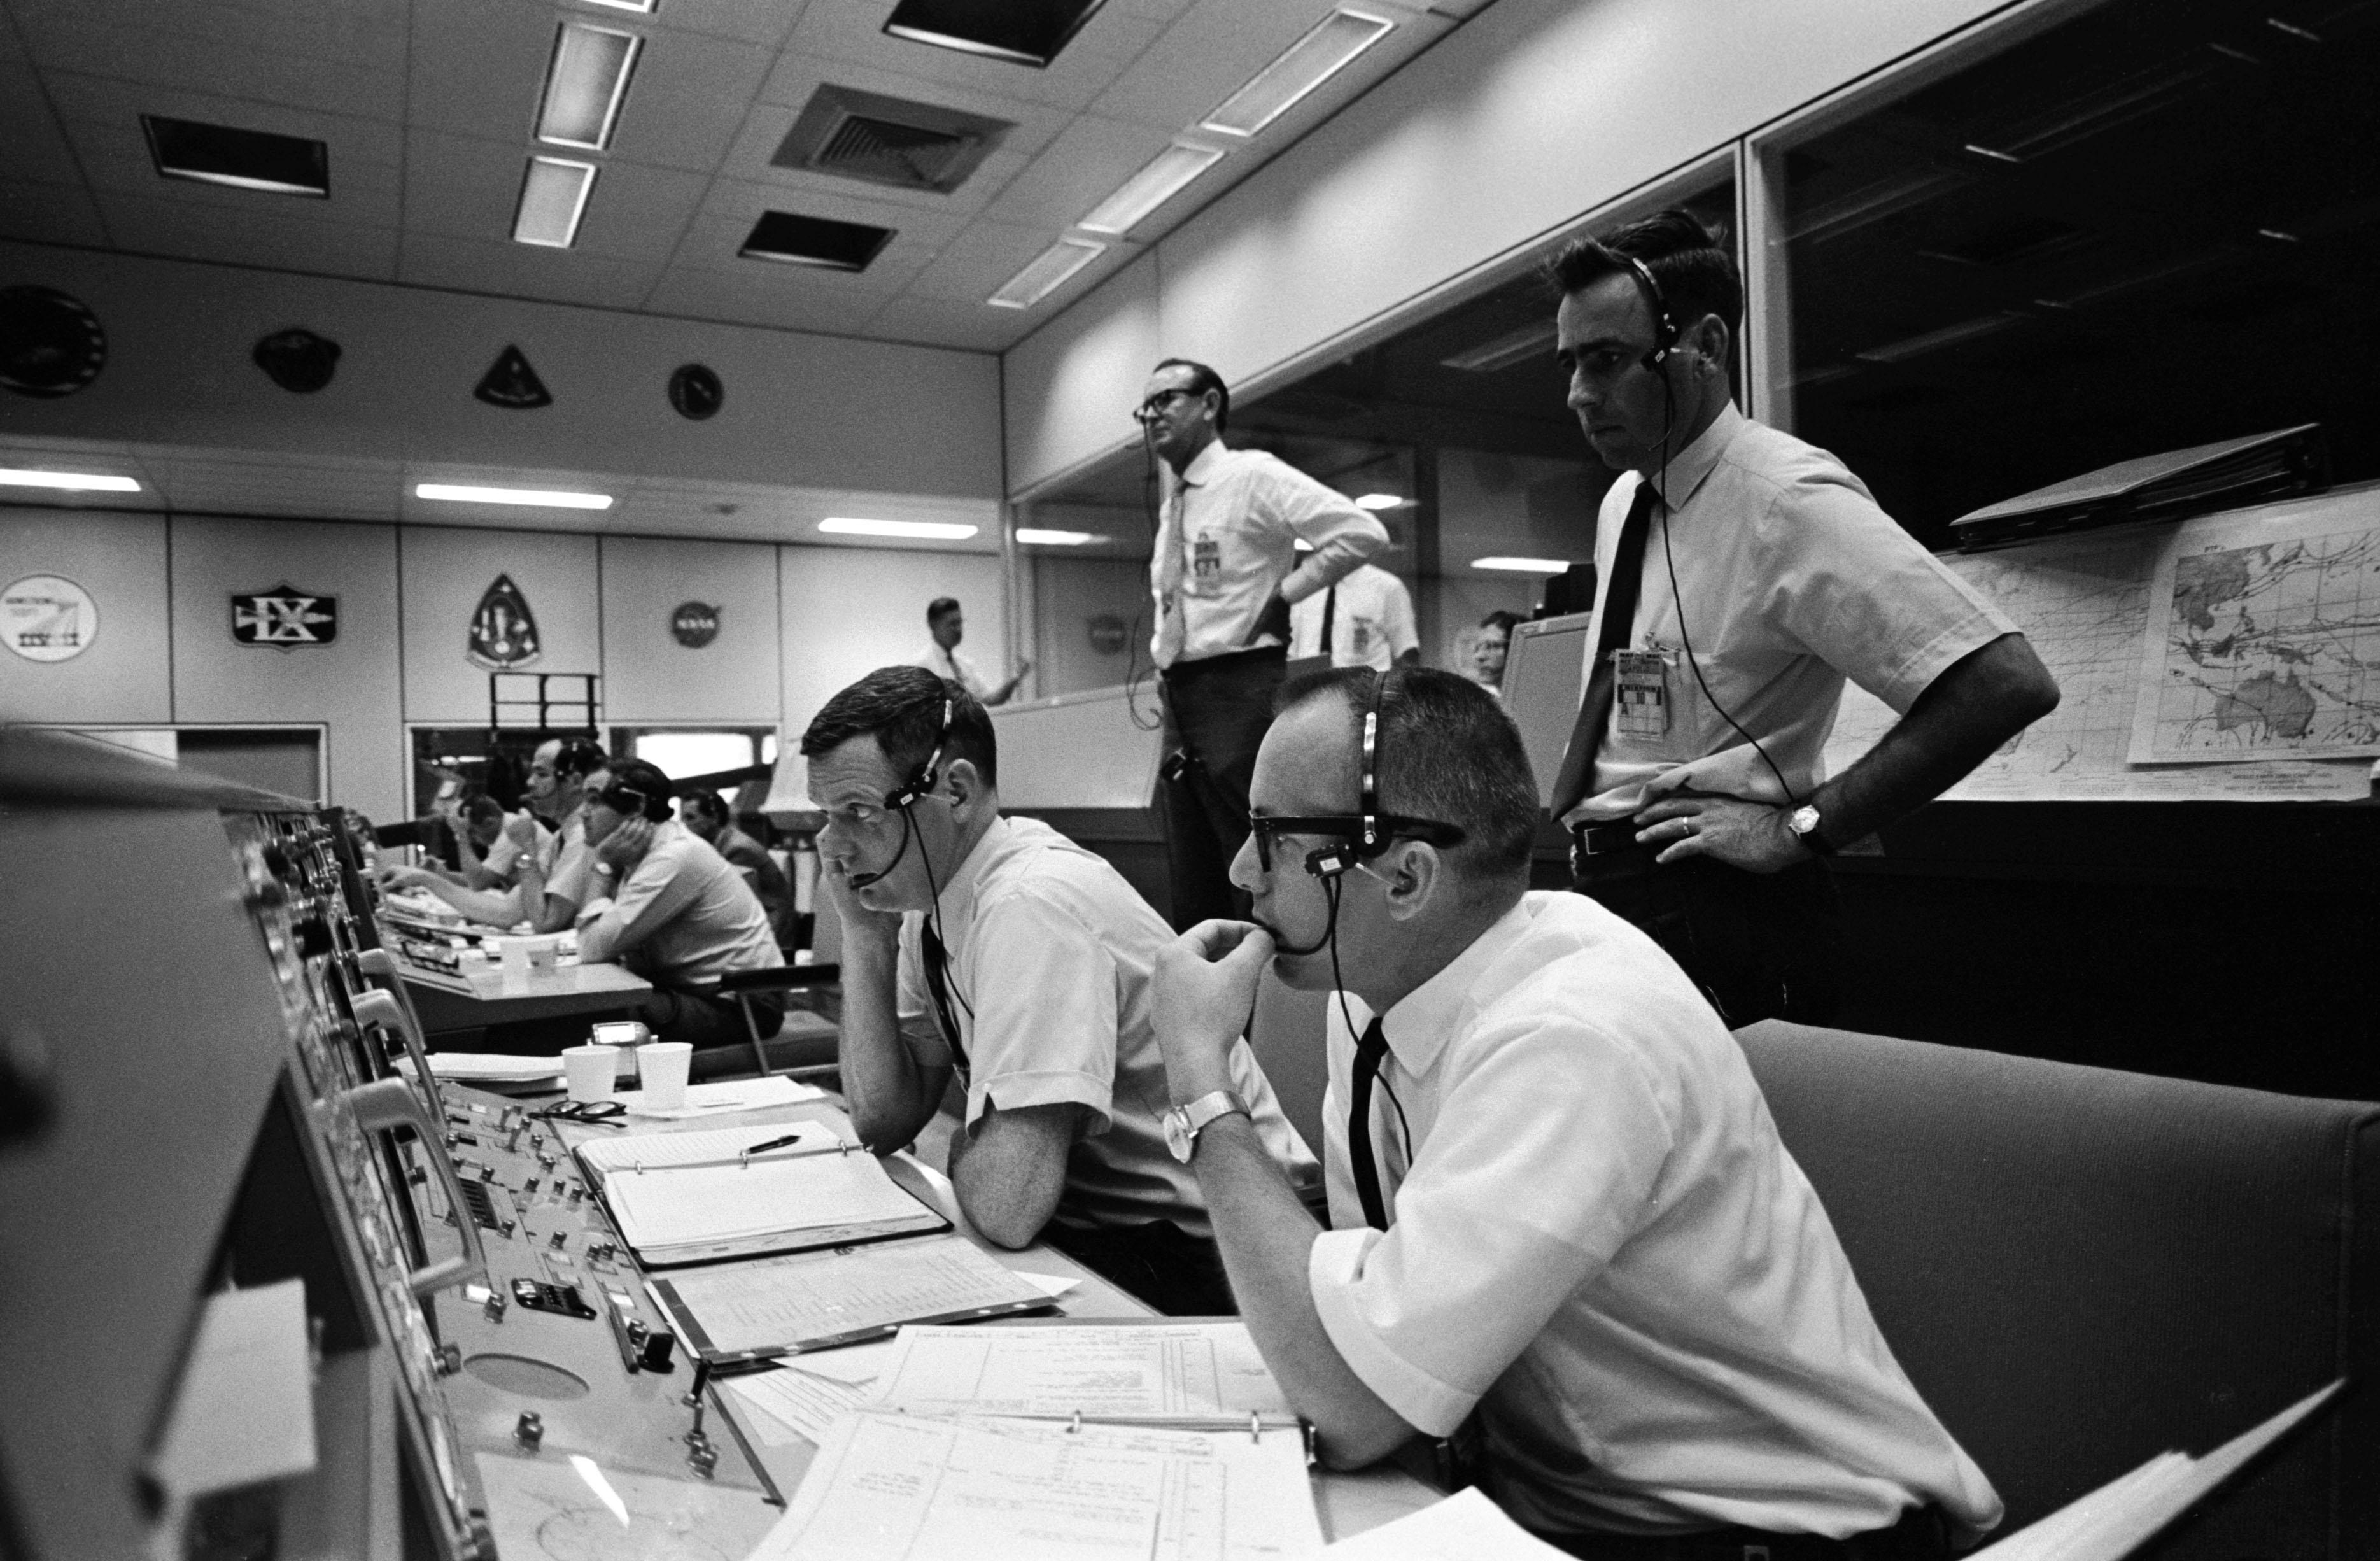 apollo 13 mission control - photo #22